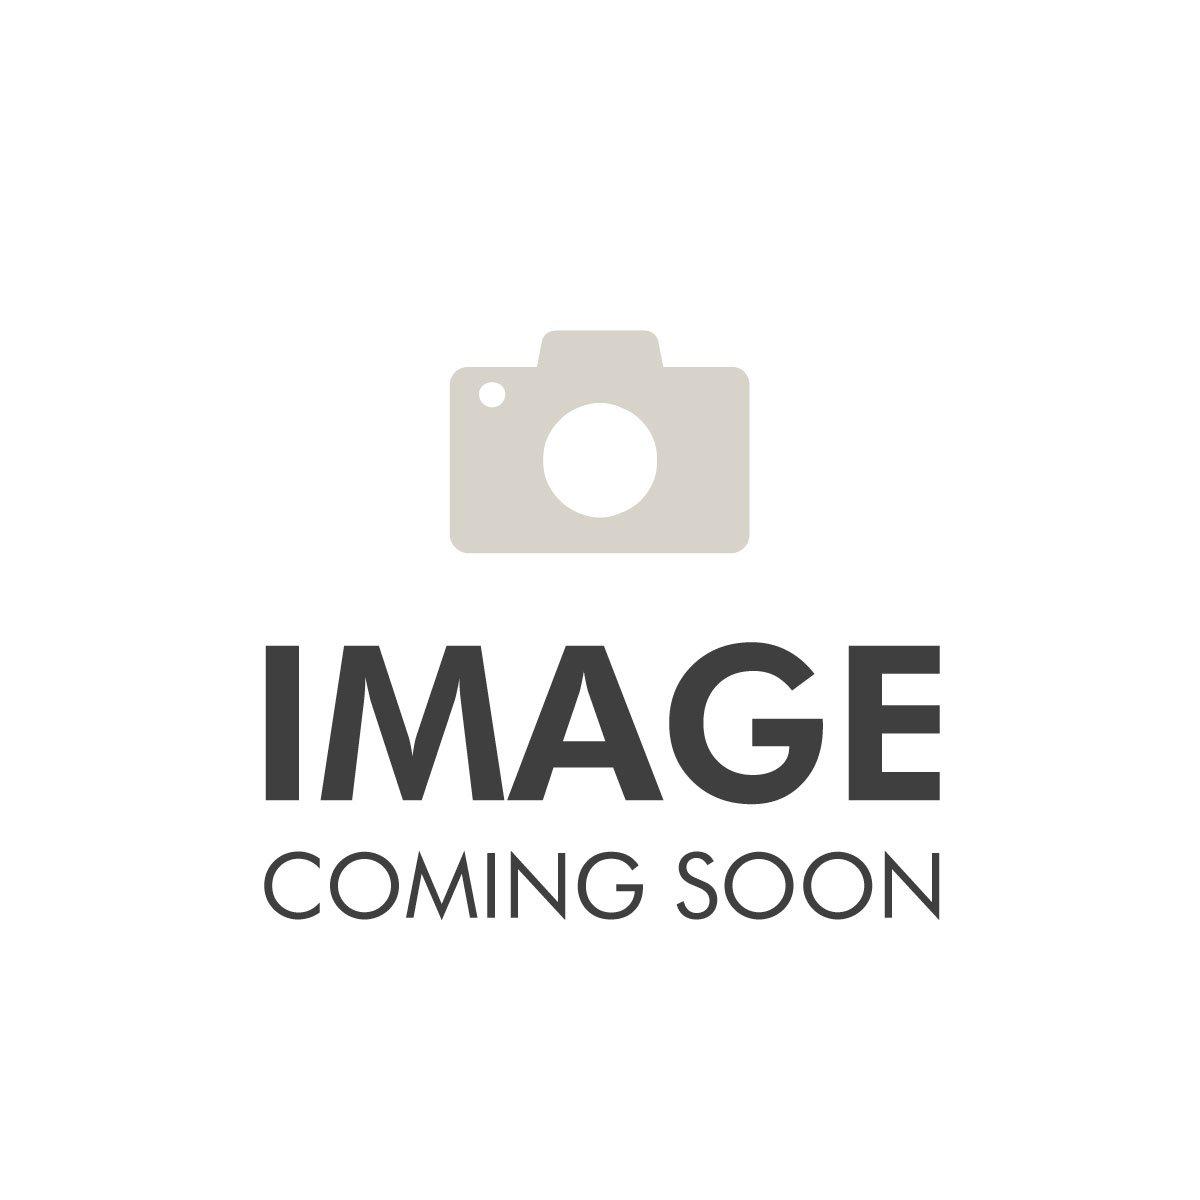 Van Cleef and Arpels Rêve Eau de Parfum 100ml